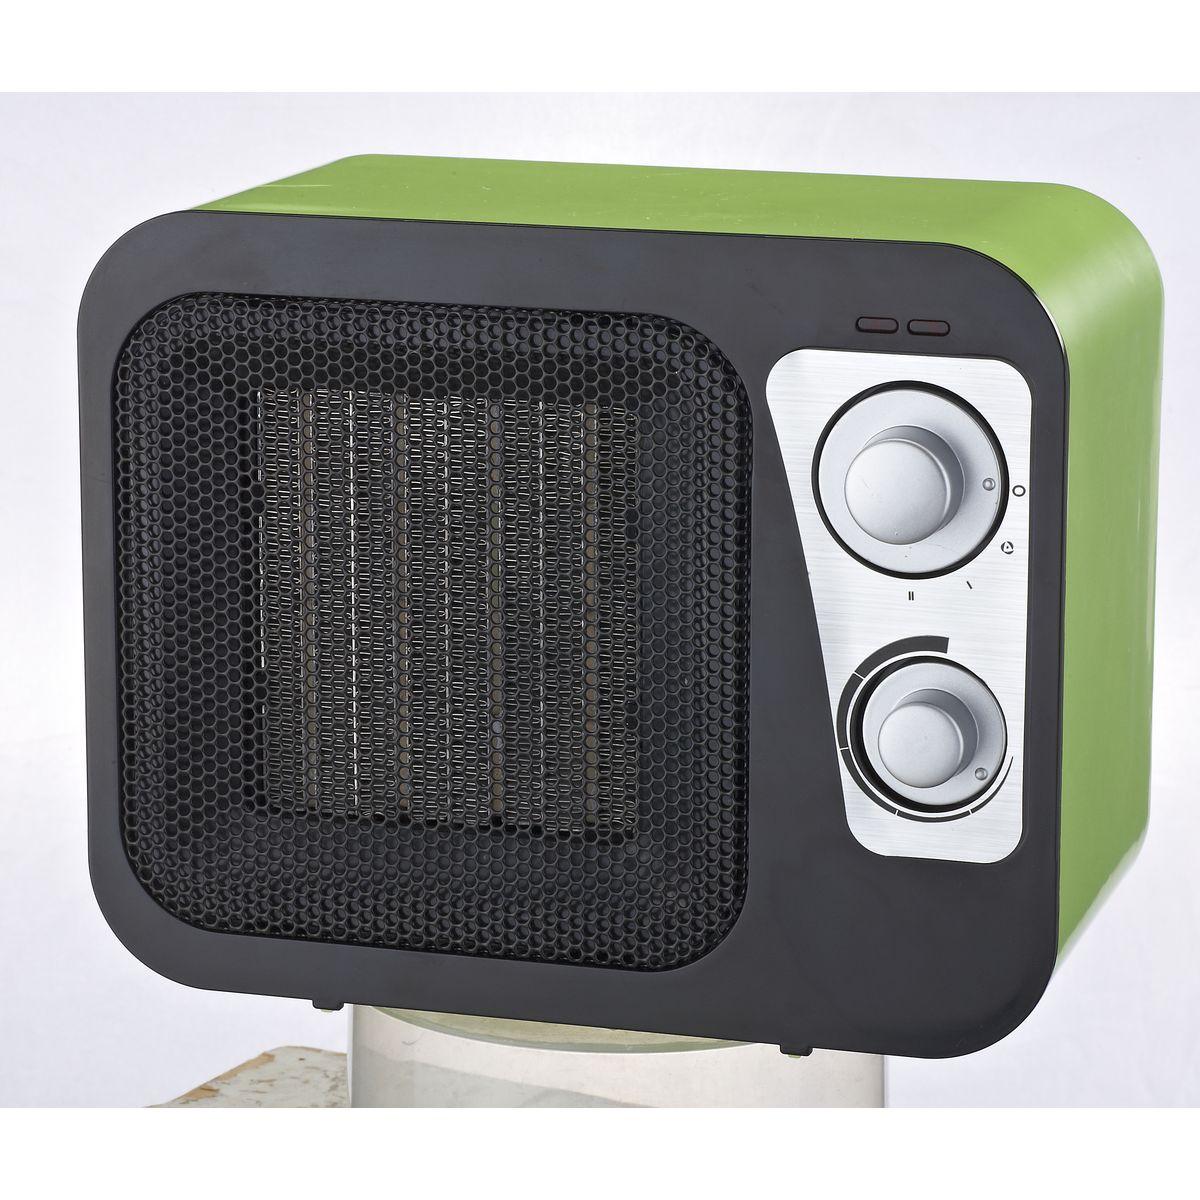 Chauffage céramique PTC906-L, Vert